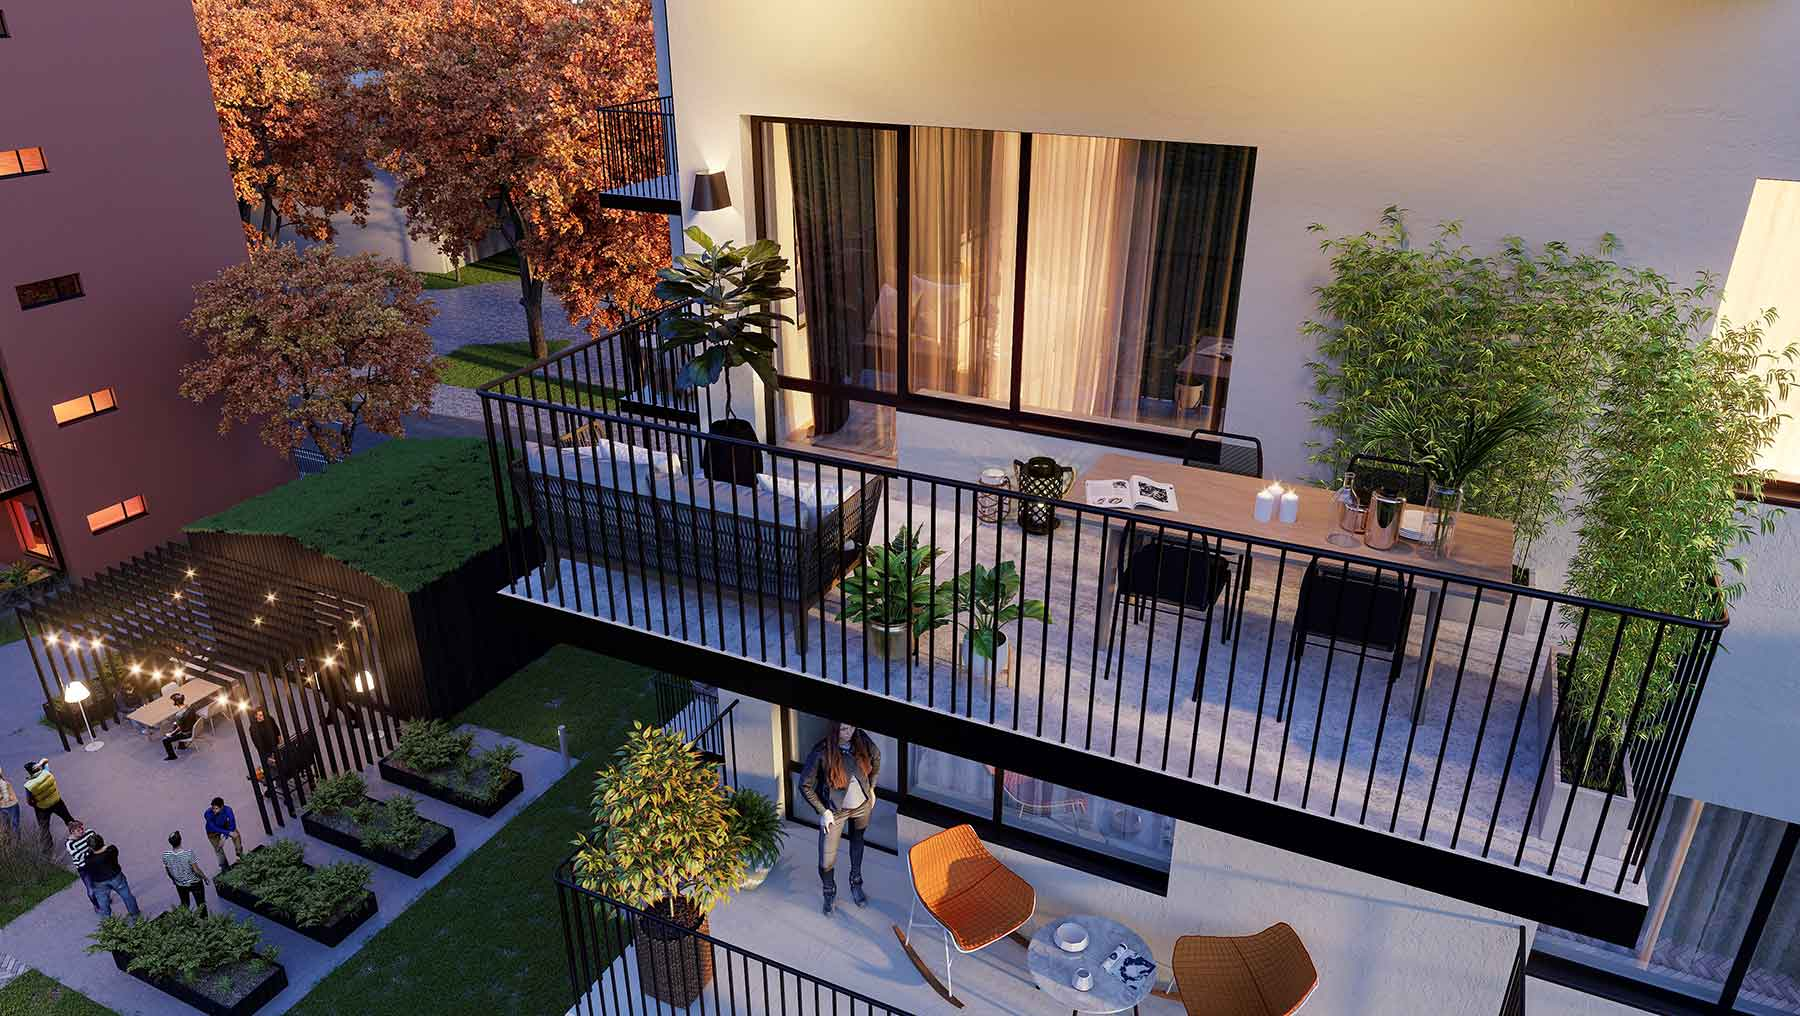 Snabbfakta - Försäljning pågår!Byggstartat!83 lägenheterInflyttning våren/´sommaren 2020Granängsvägen, TyresöMäklare, Svensk Nyproduktion